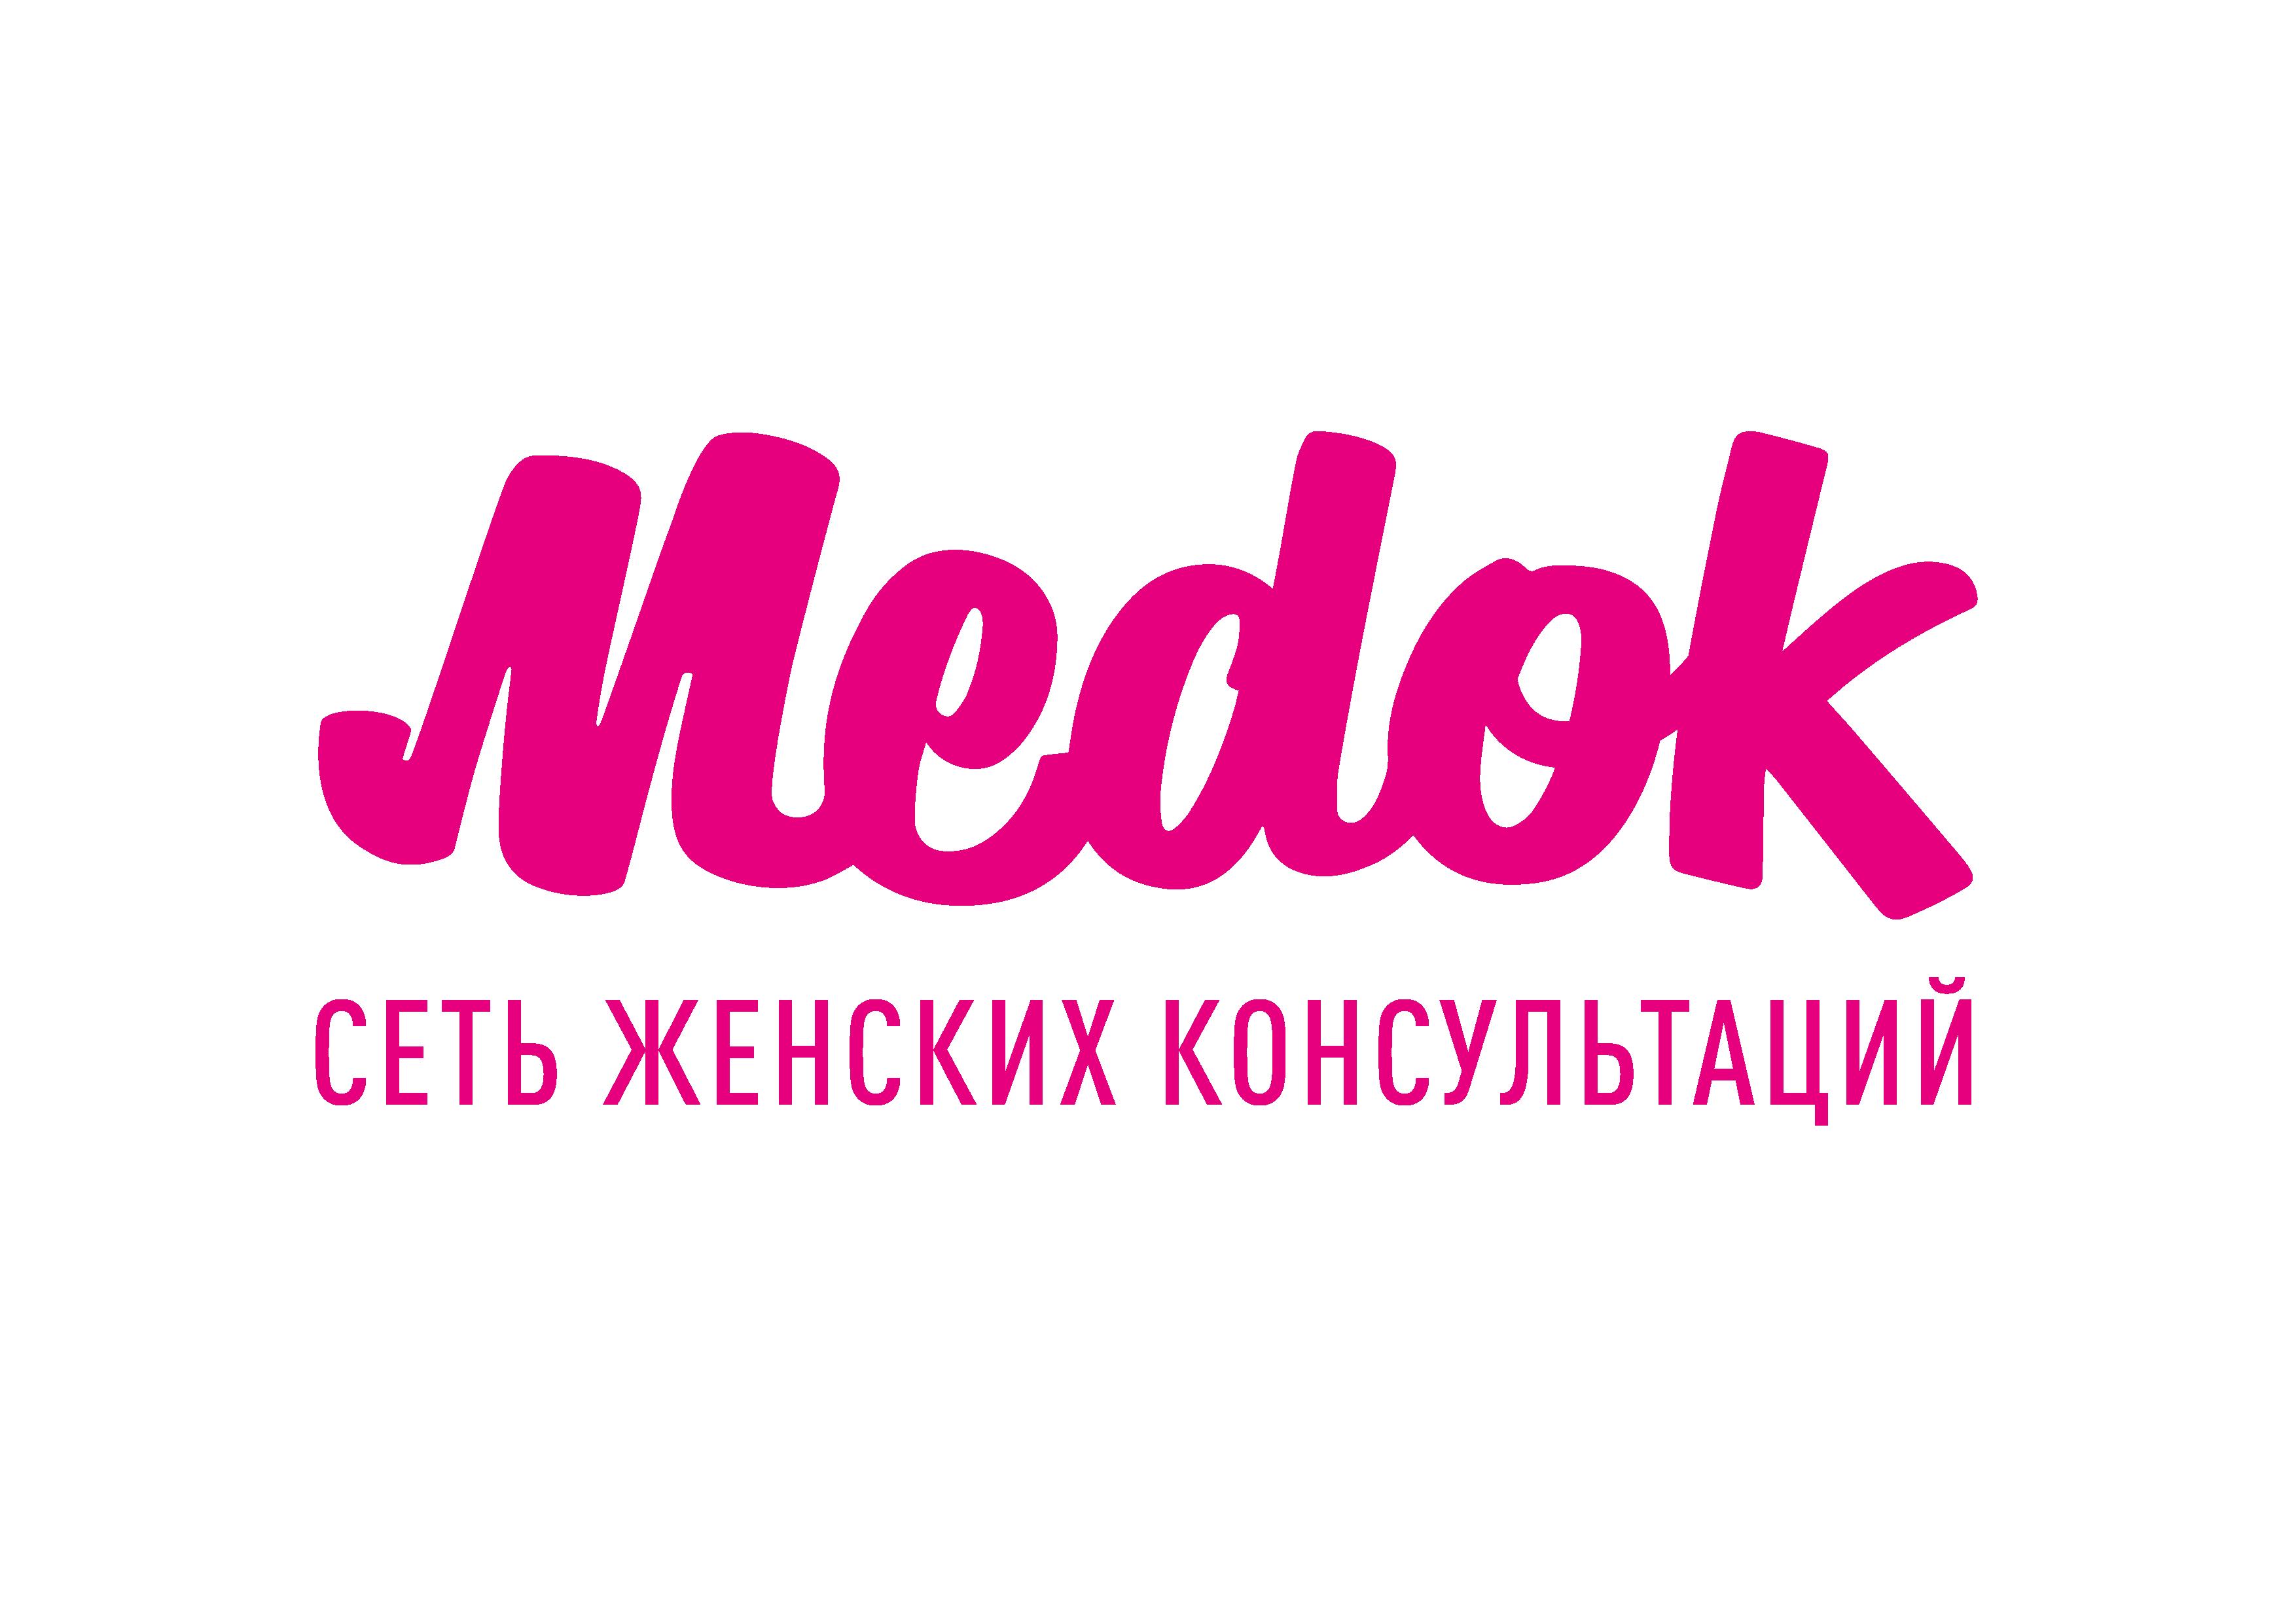 Женская консультация «Медок» у м. Митино